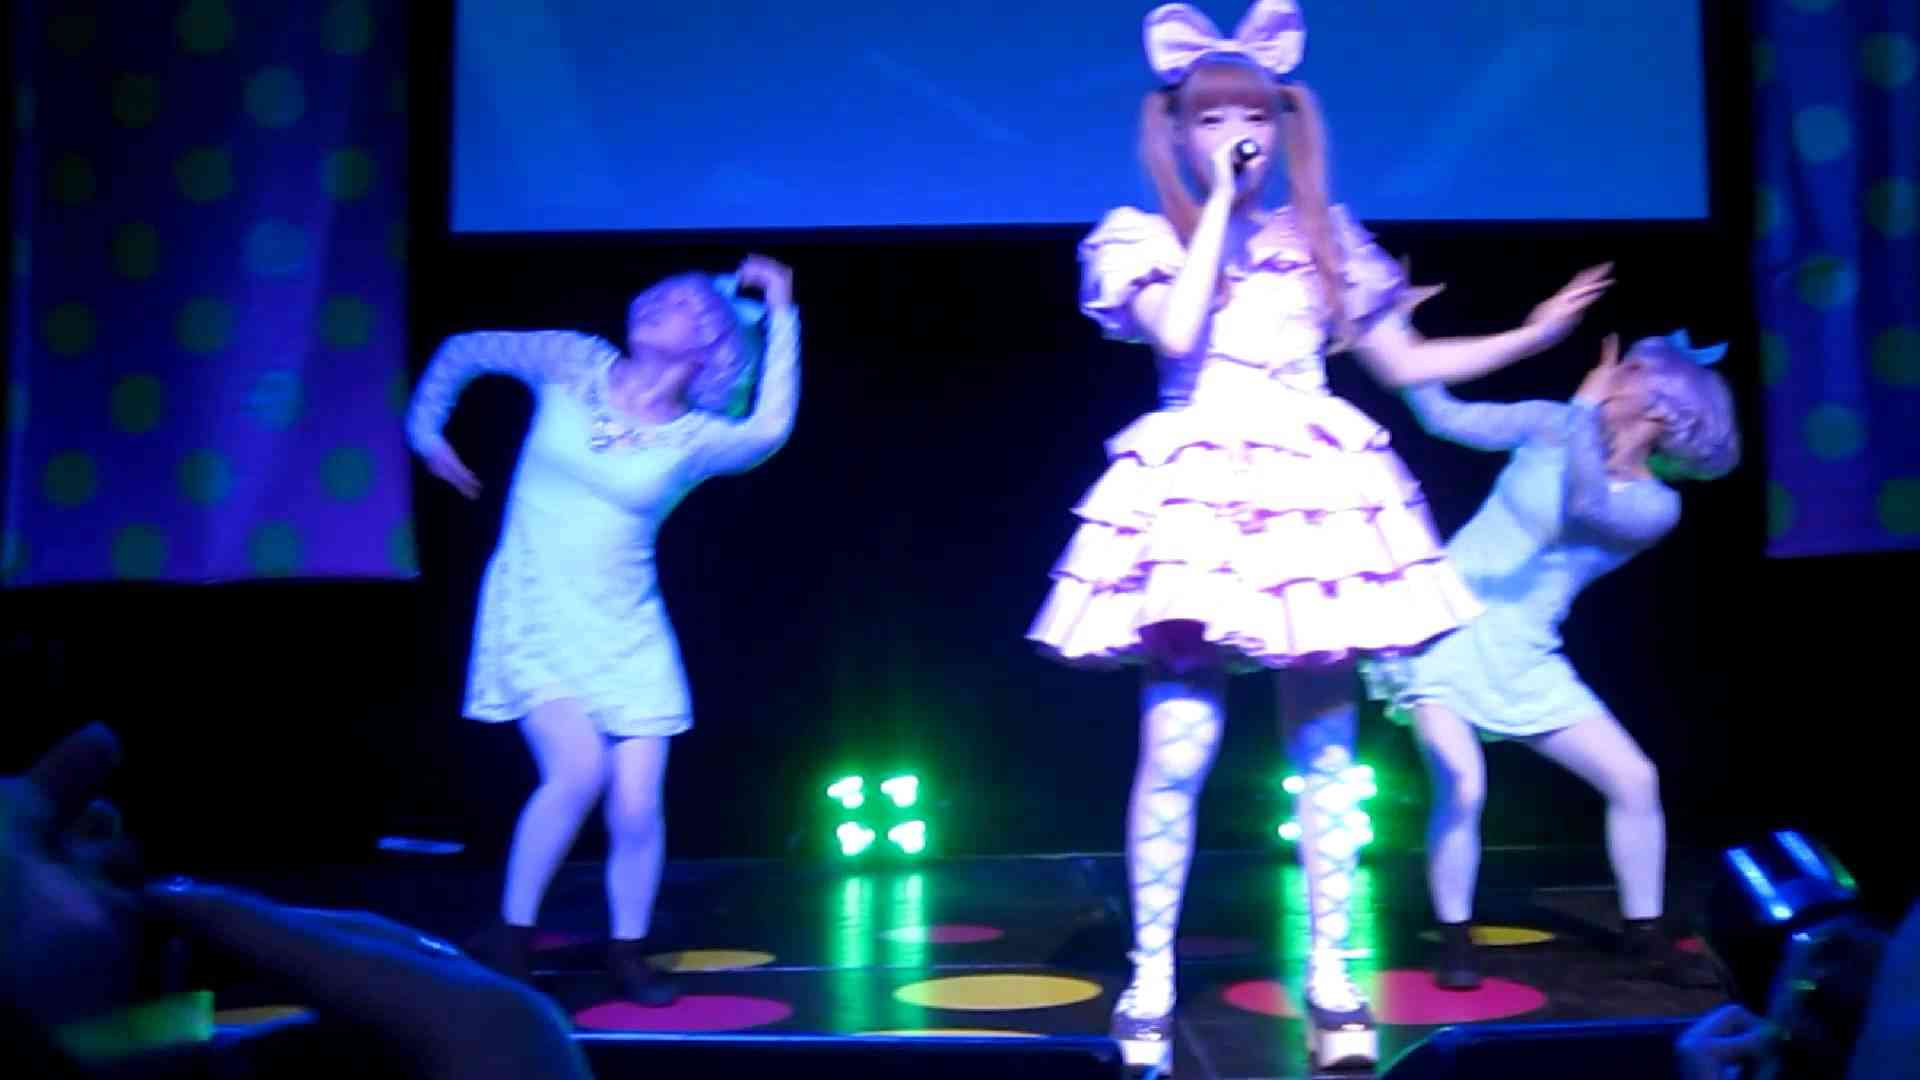 きゃりーぱみゅぱみゅ - にんじゃりばんばん『FULL DANCE MIRRORED』 - YouTube